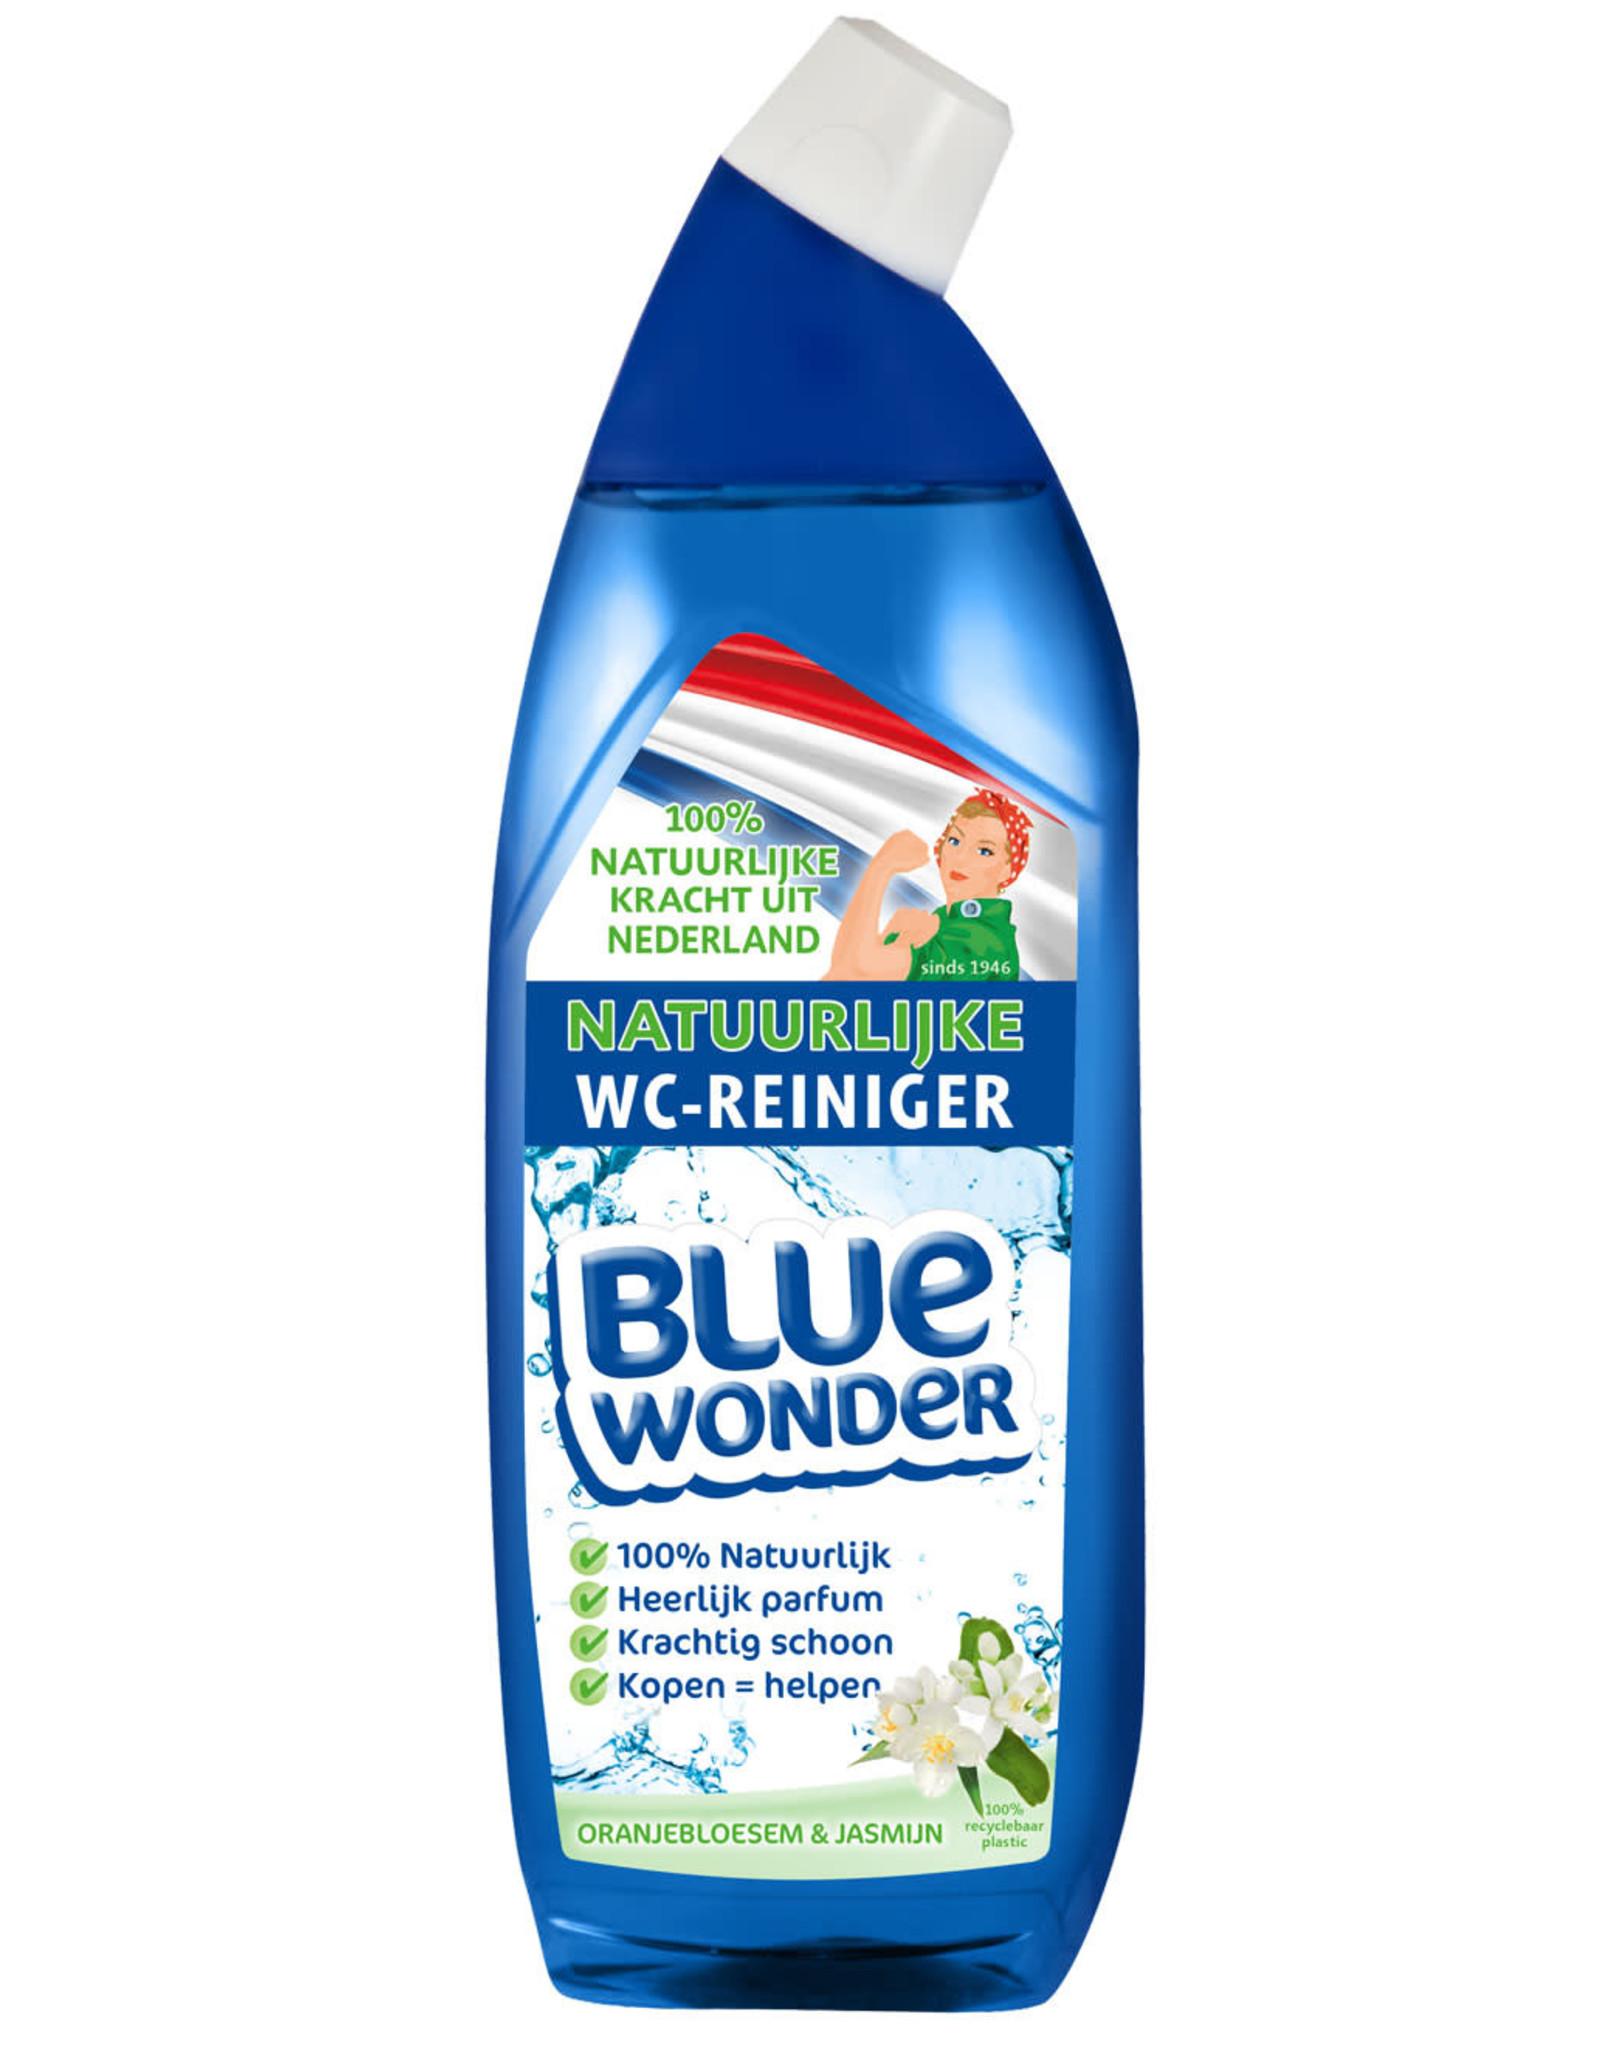 Blue Wonder Blue Wonder 100% natuurlijke WC-reiniger - 750 ml fles